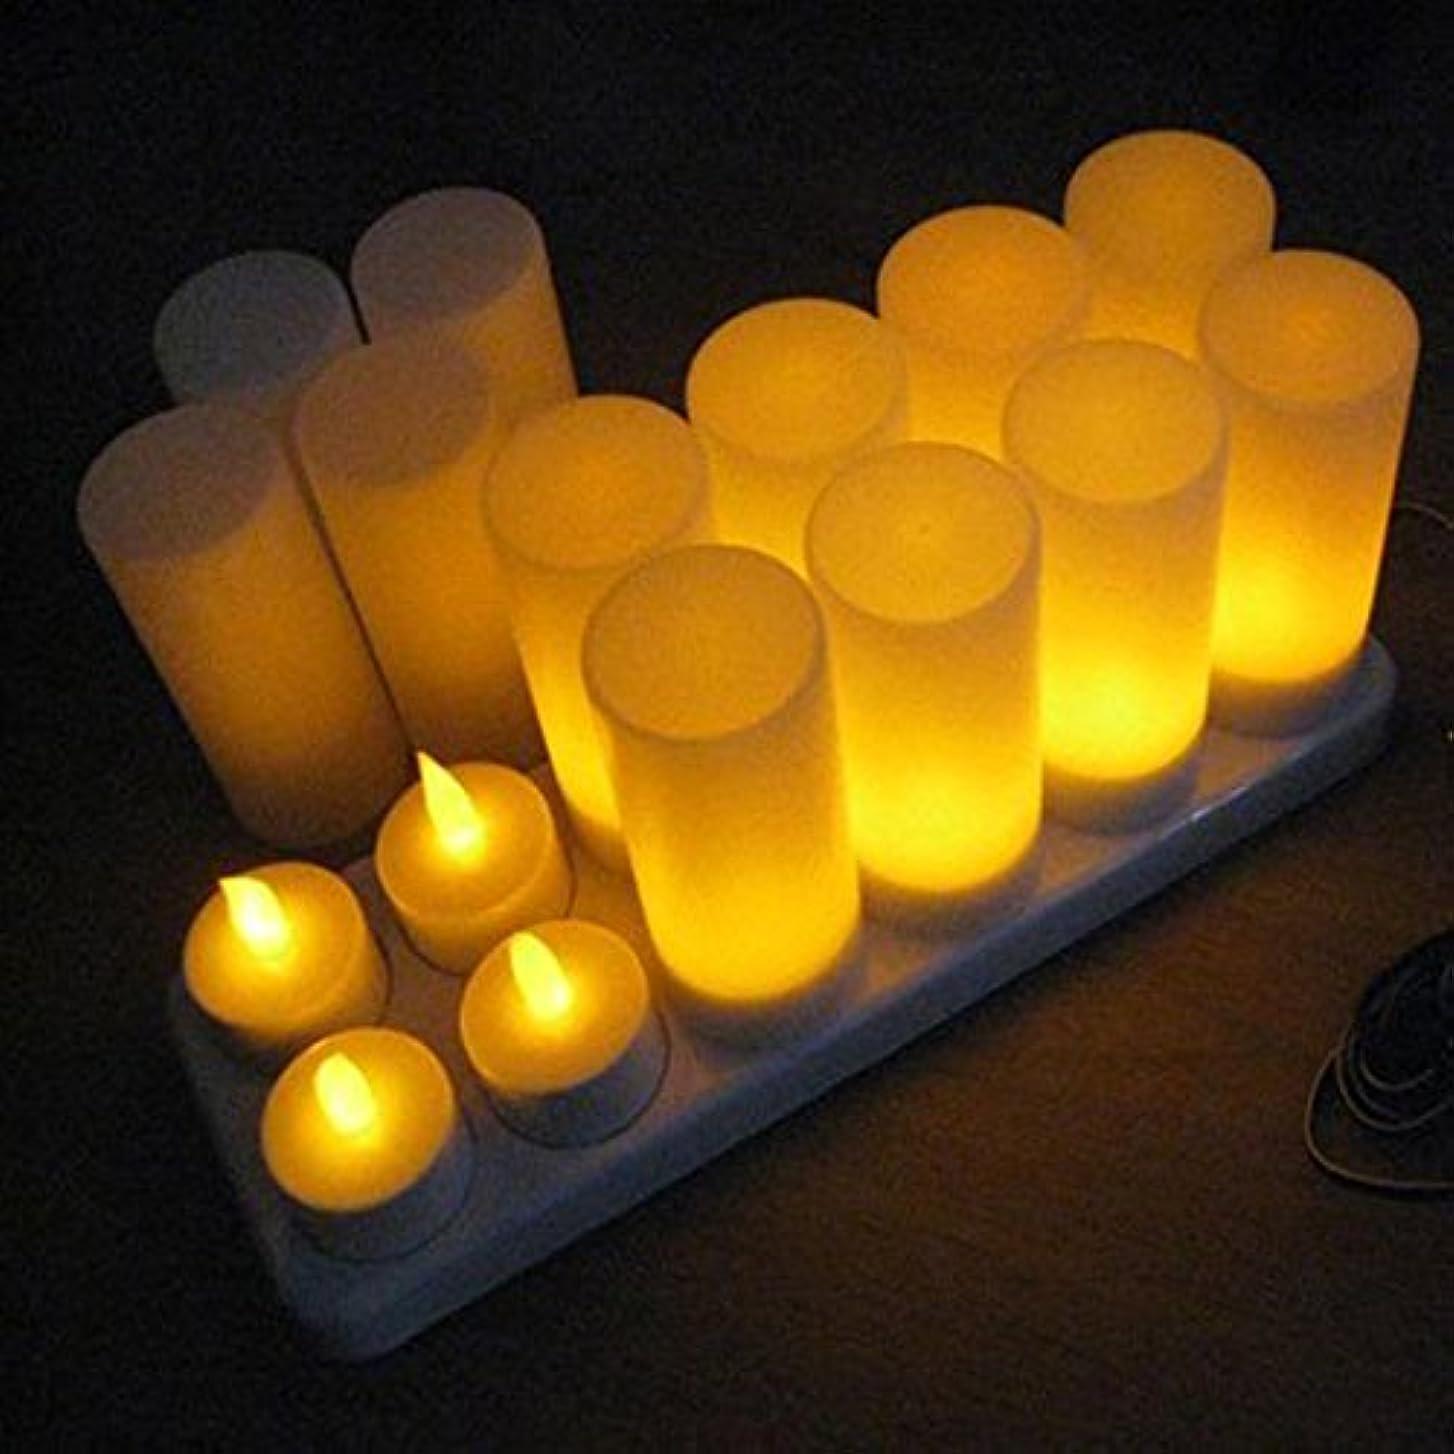 ハロウィン認証製作LEDティーライト キャンドル 再充電可能 リモコン付 カップ付き 照明モード切替 12個セット  (リモコン付, イエロー)